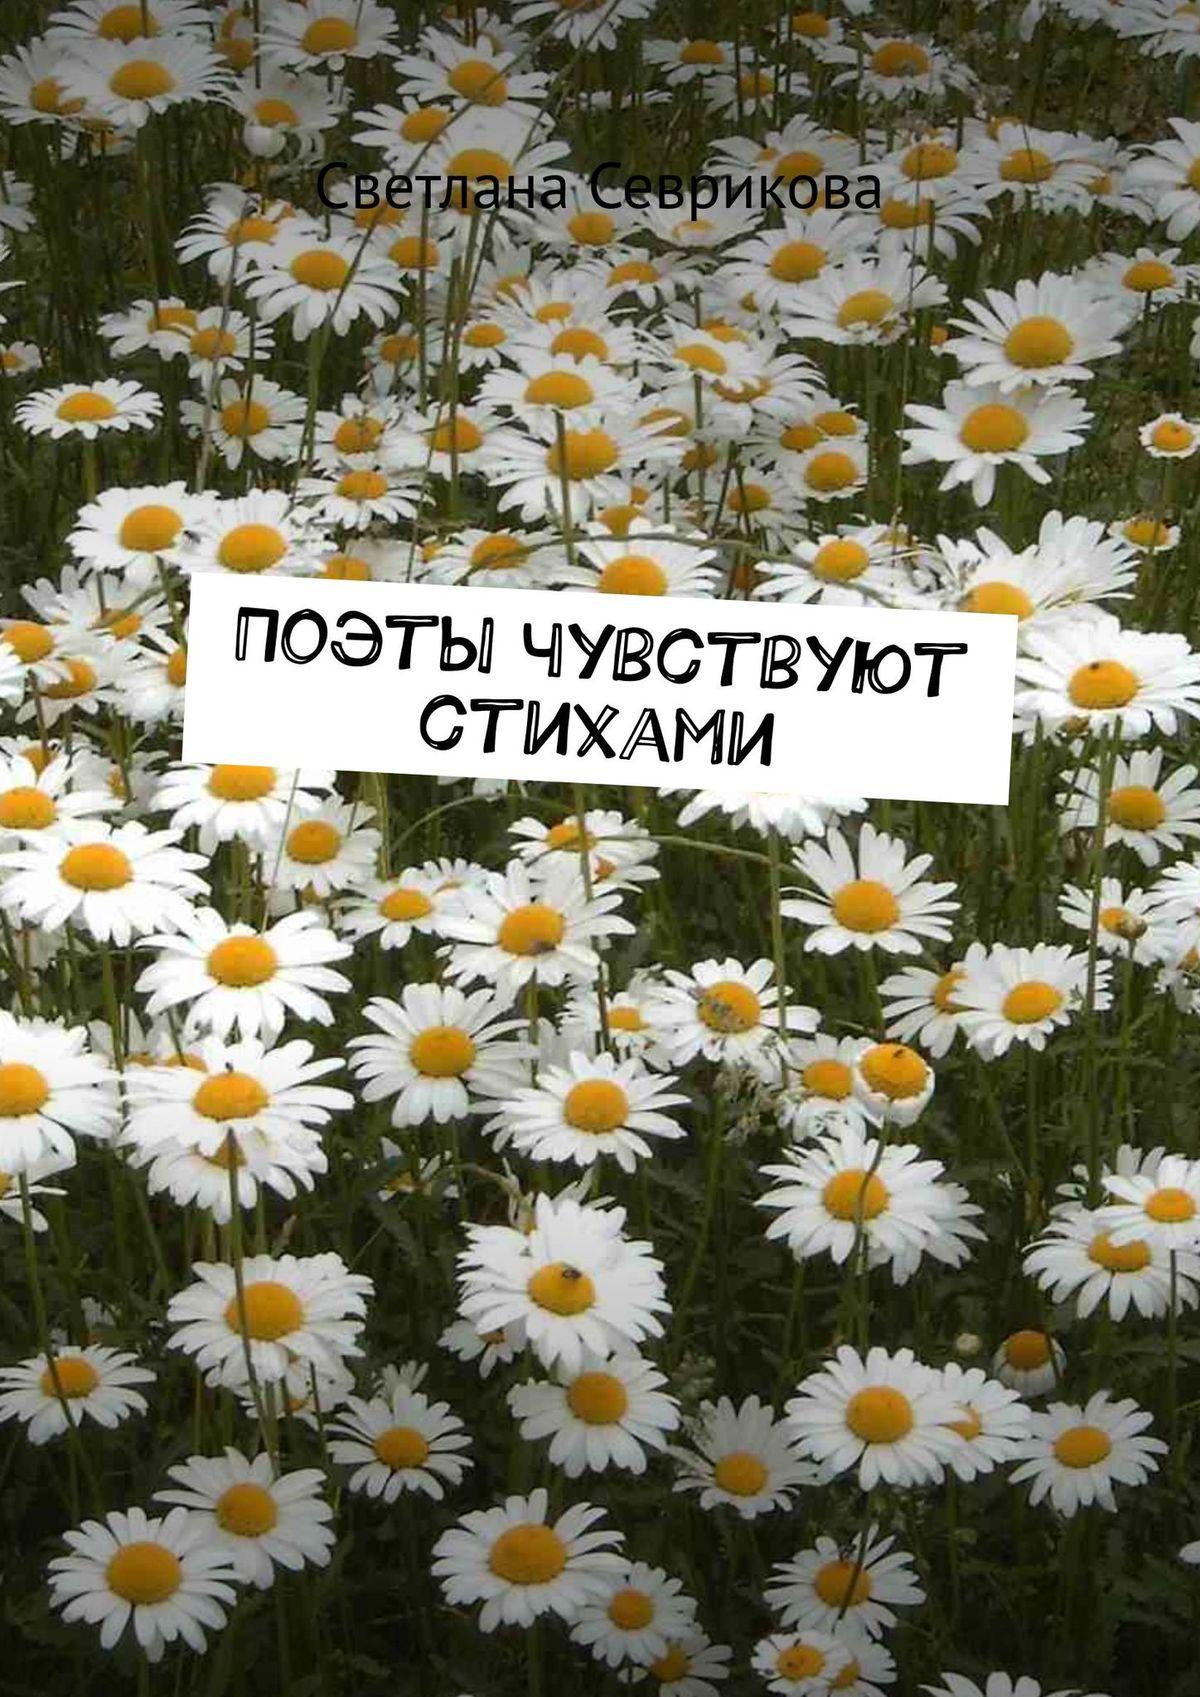 Светлана Севрикова Это вовсе нестихи. Сборник стихотворений